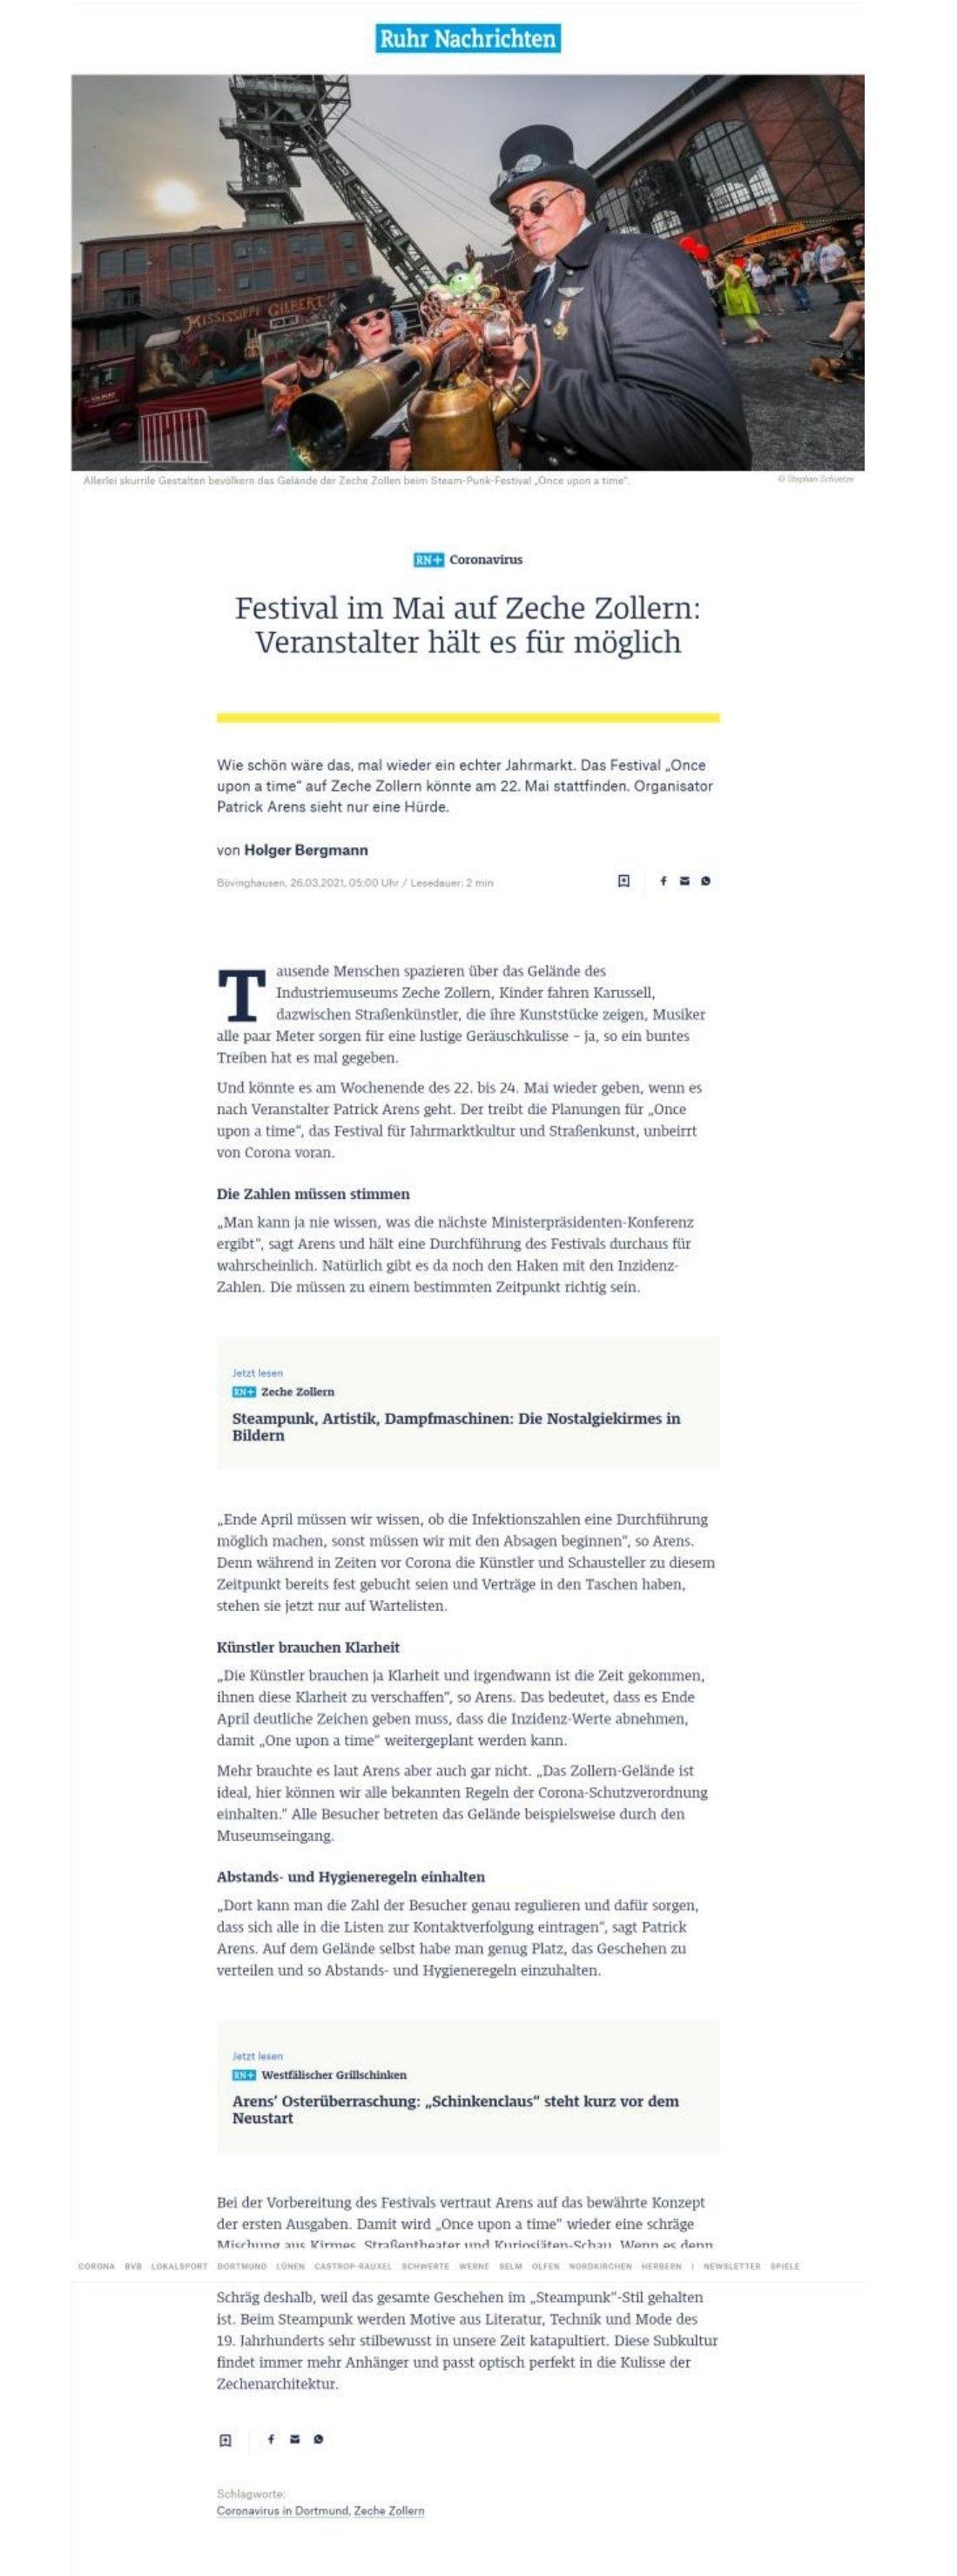 +++PRESSE-NEWS+++ - PRESSEMITTEILUNGEN